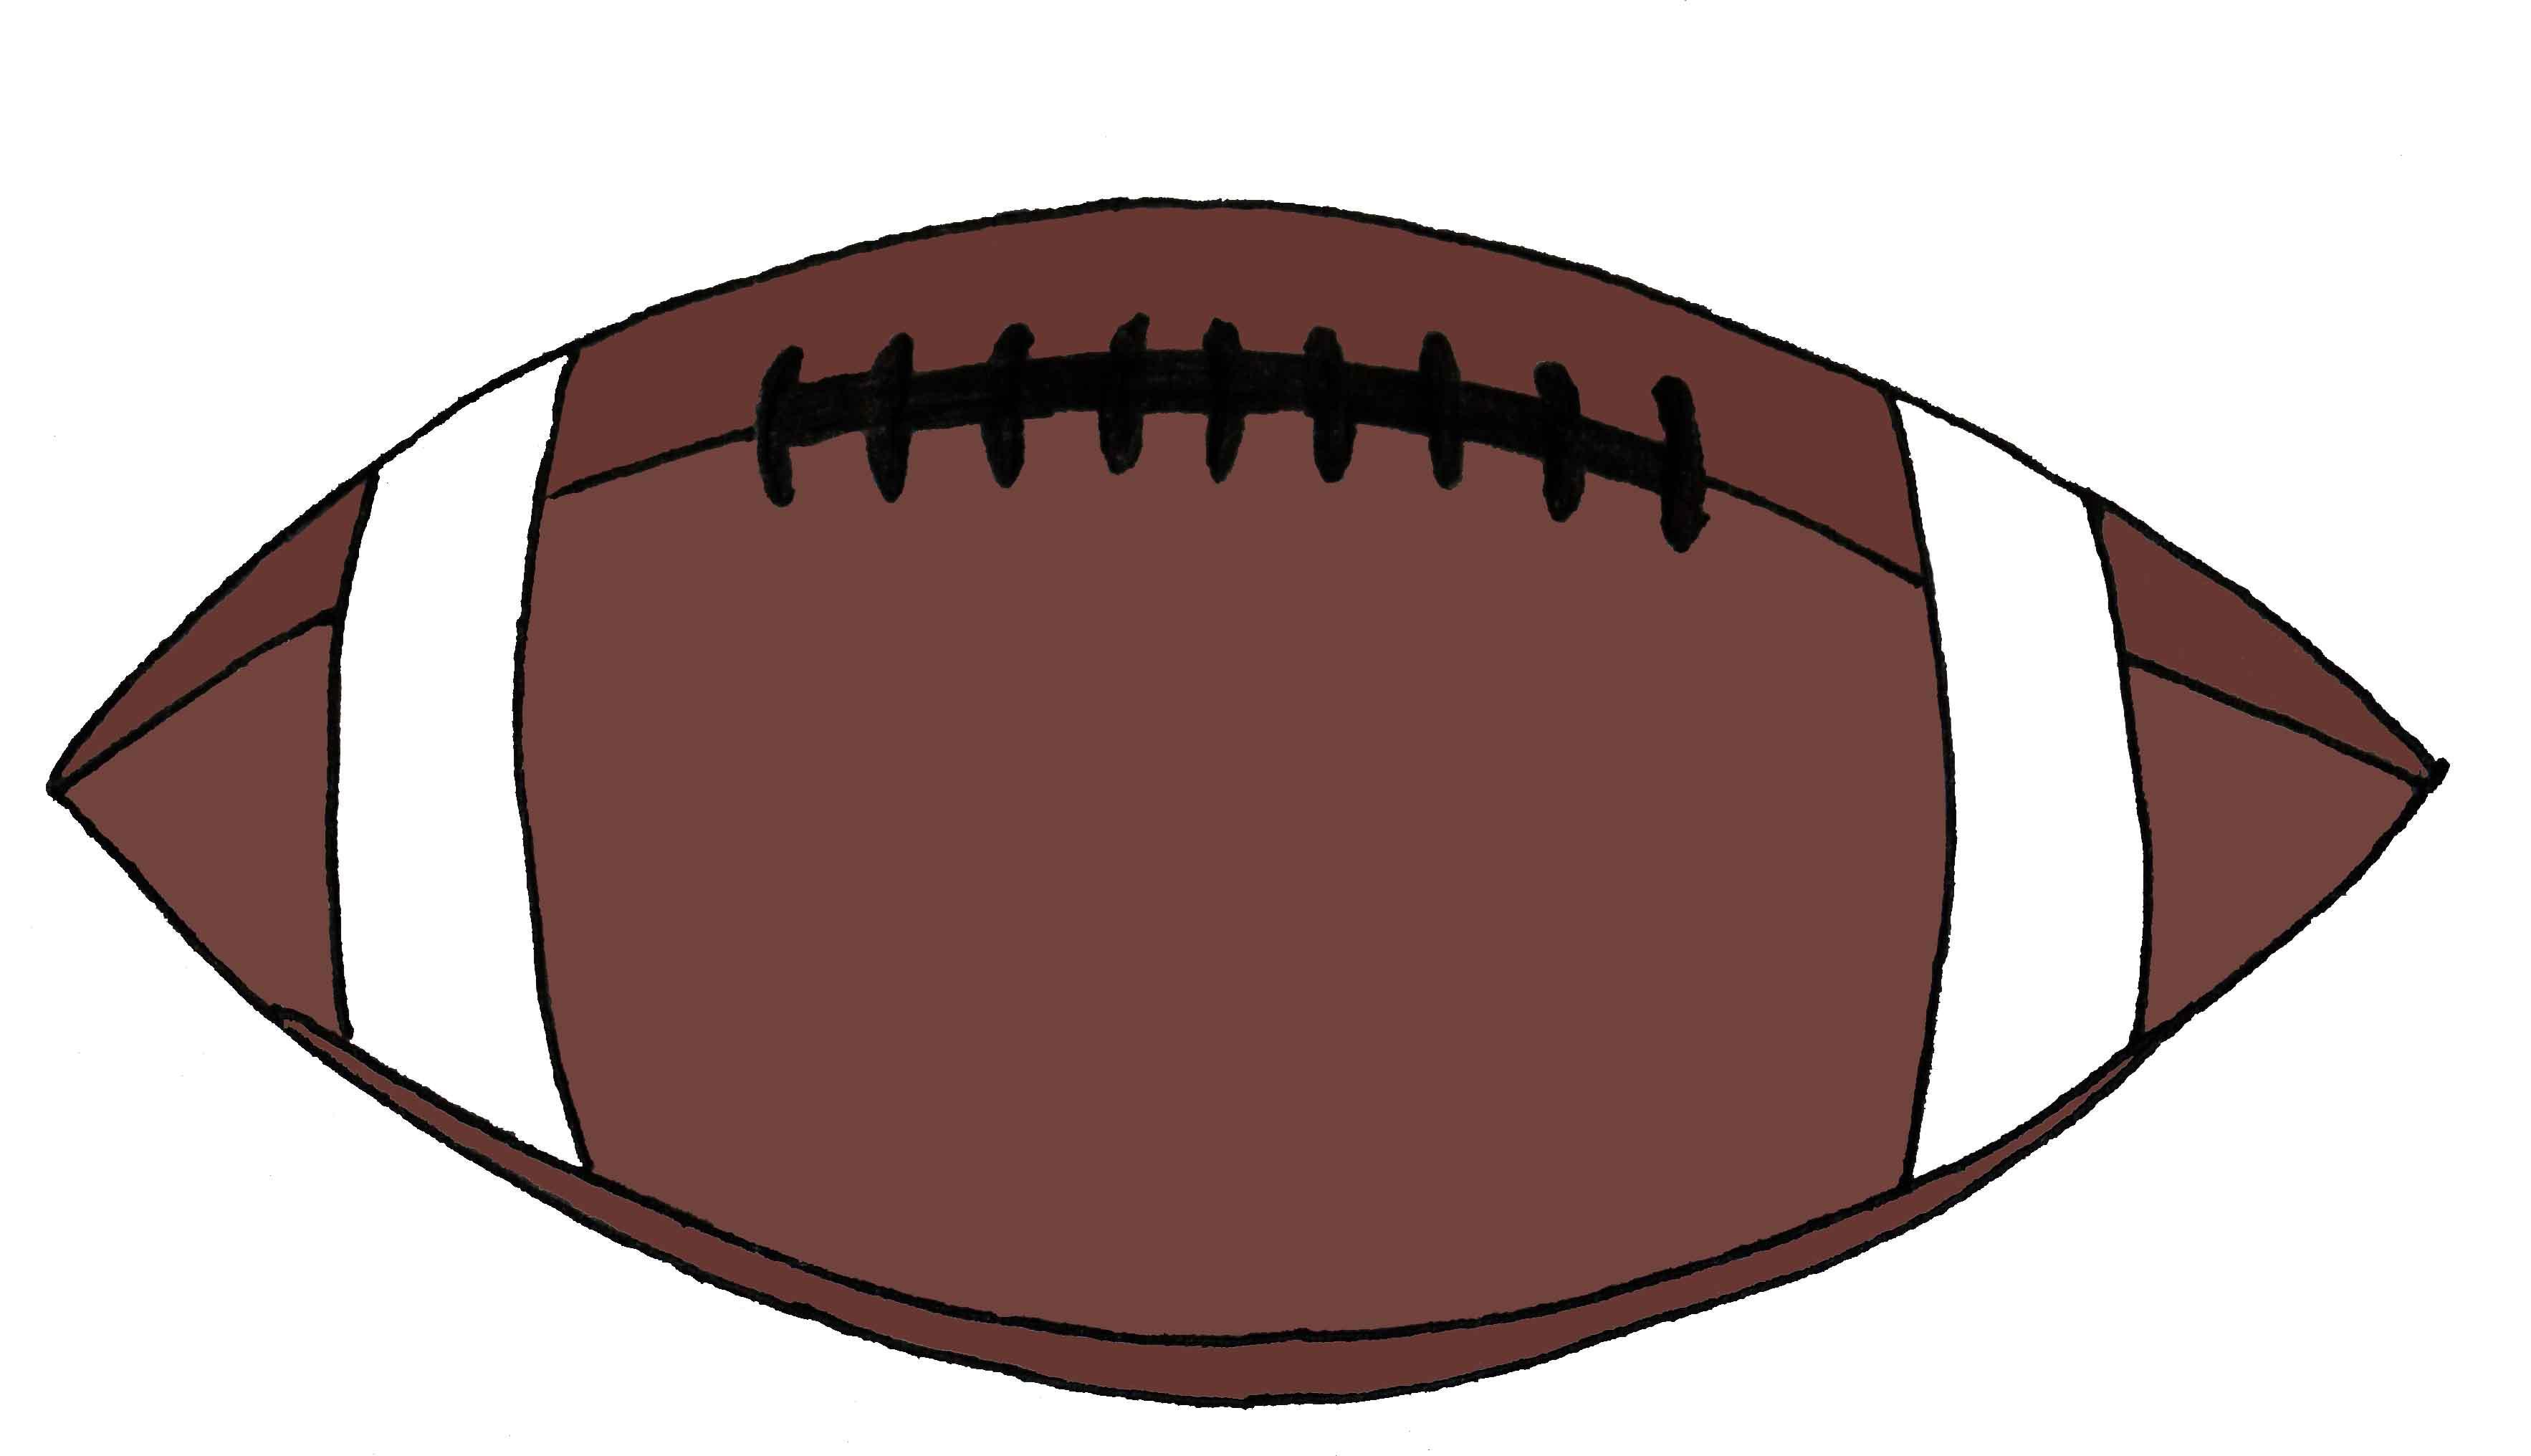 Drawn football Slightly a poorly Heddleston A